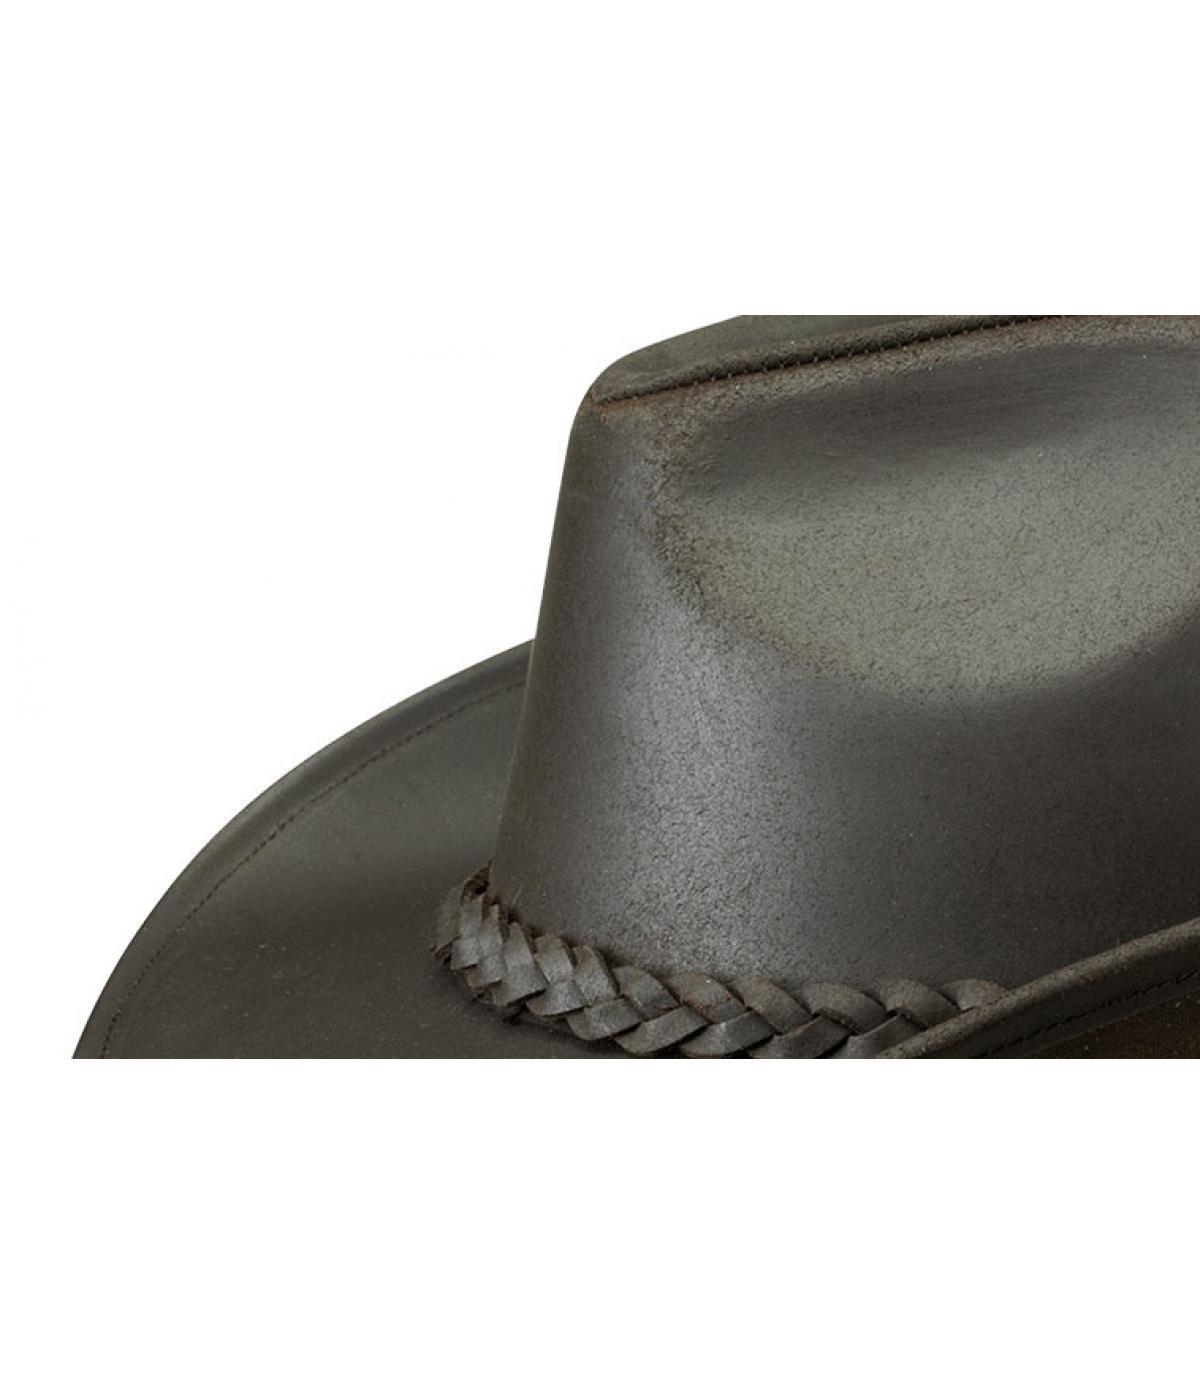 b53b8577d6d78 Chapeau Stetson cowboy - Chapeau Mendota buffalo leather par Stetson.